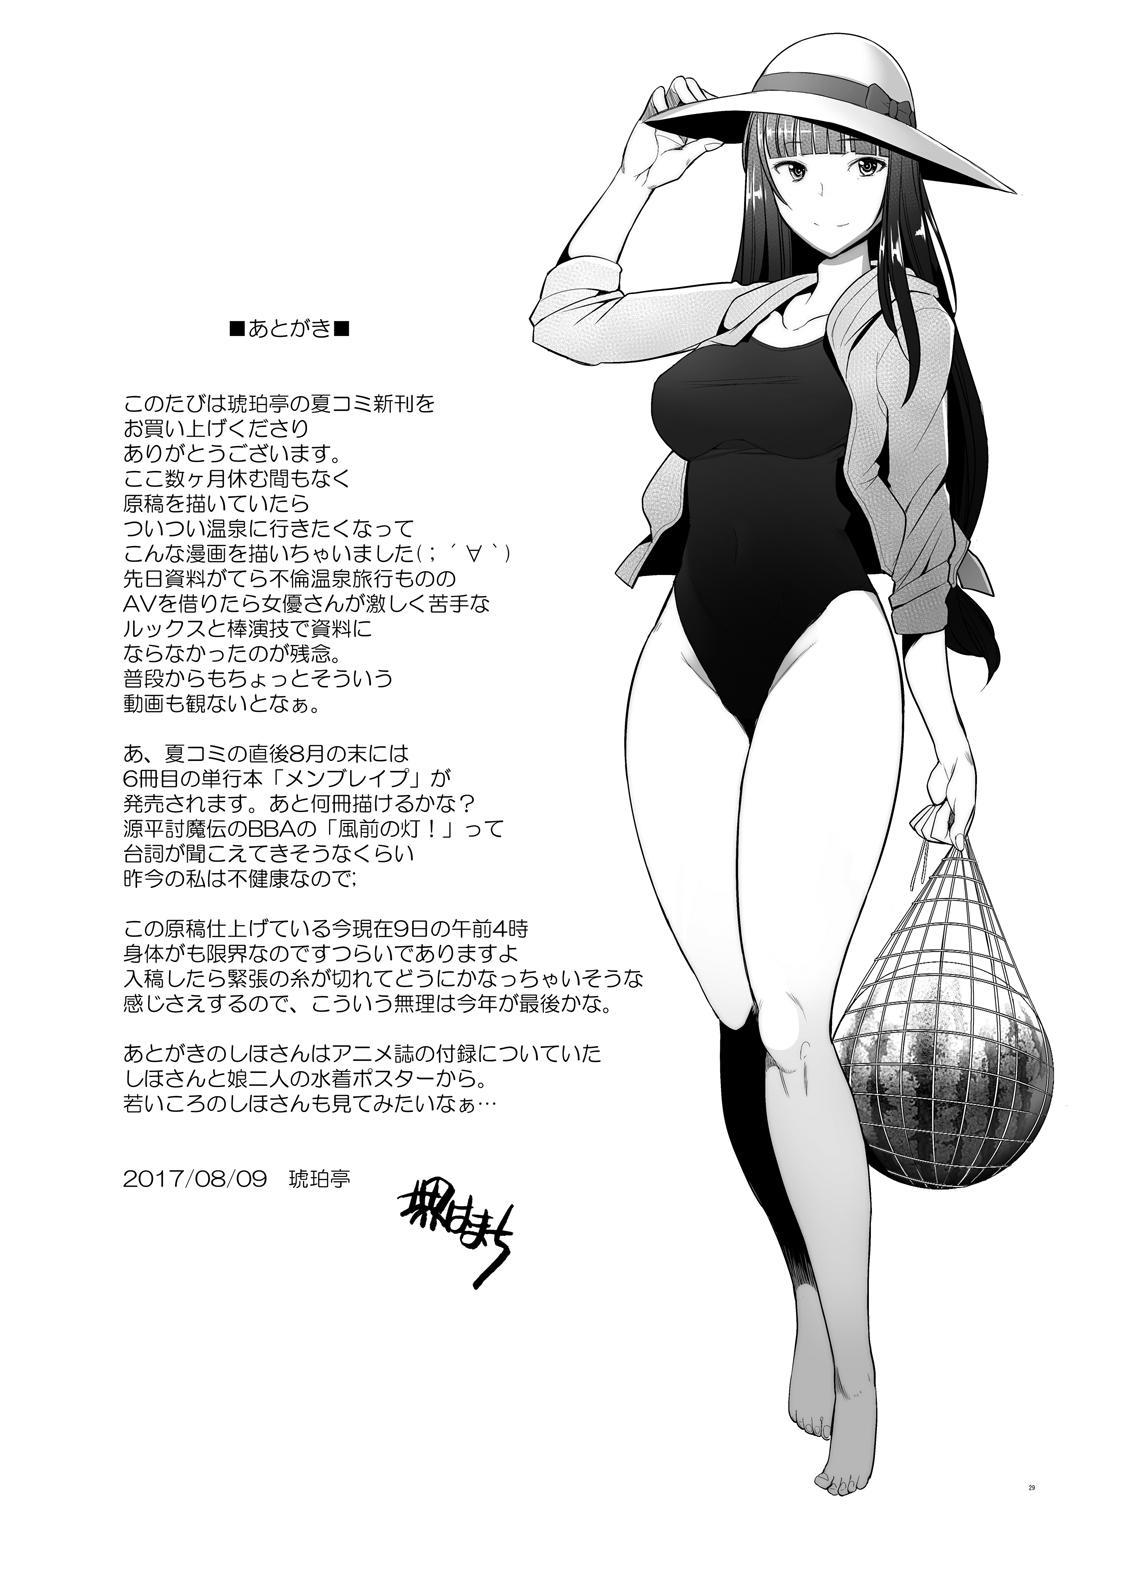 Hitozuma Iemoto o Onsen Ryokou ni Tsuredashite Konyoku Roten Buro de Nakadashi Shitemimashita 28